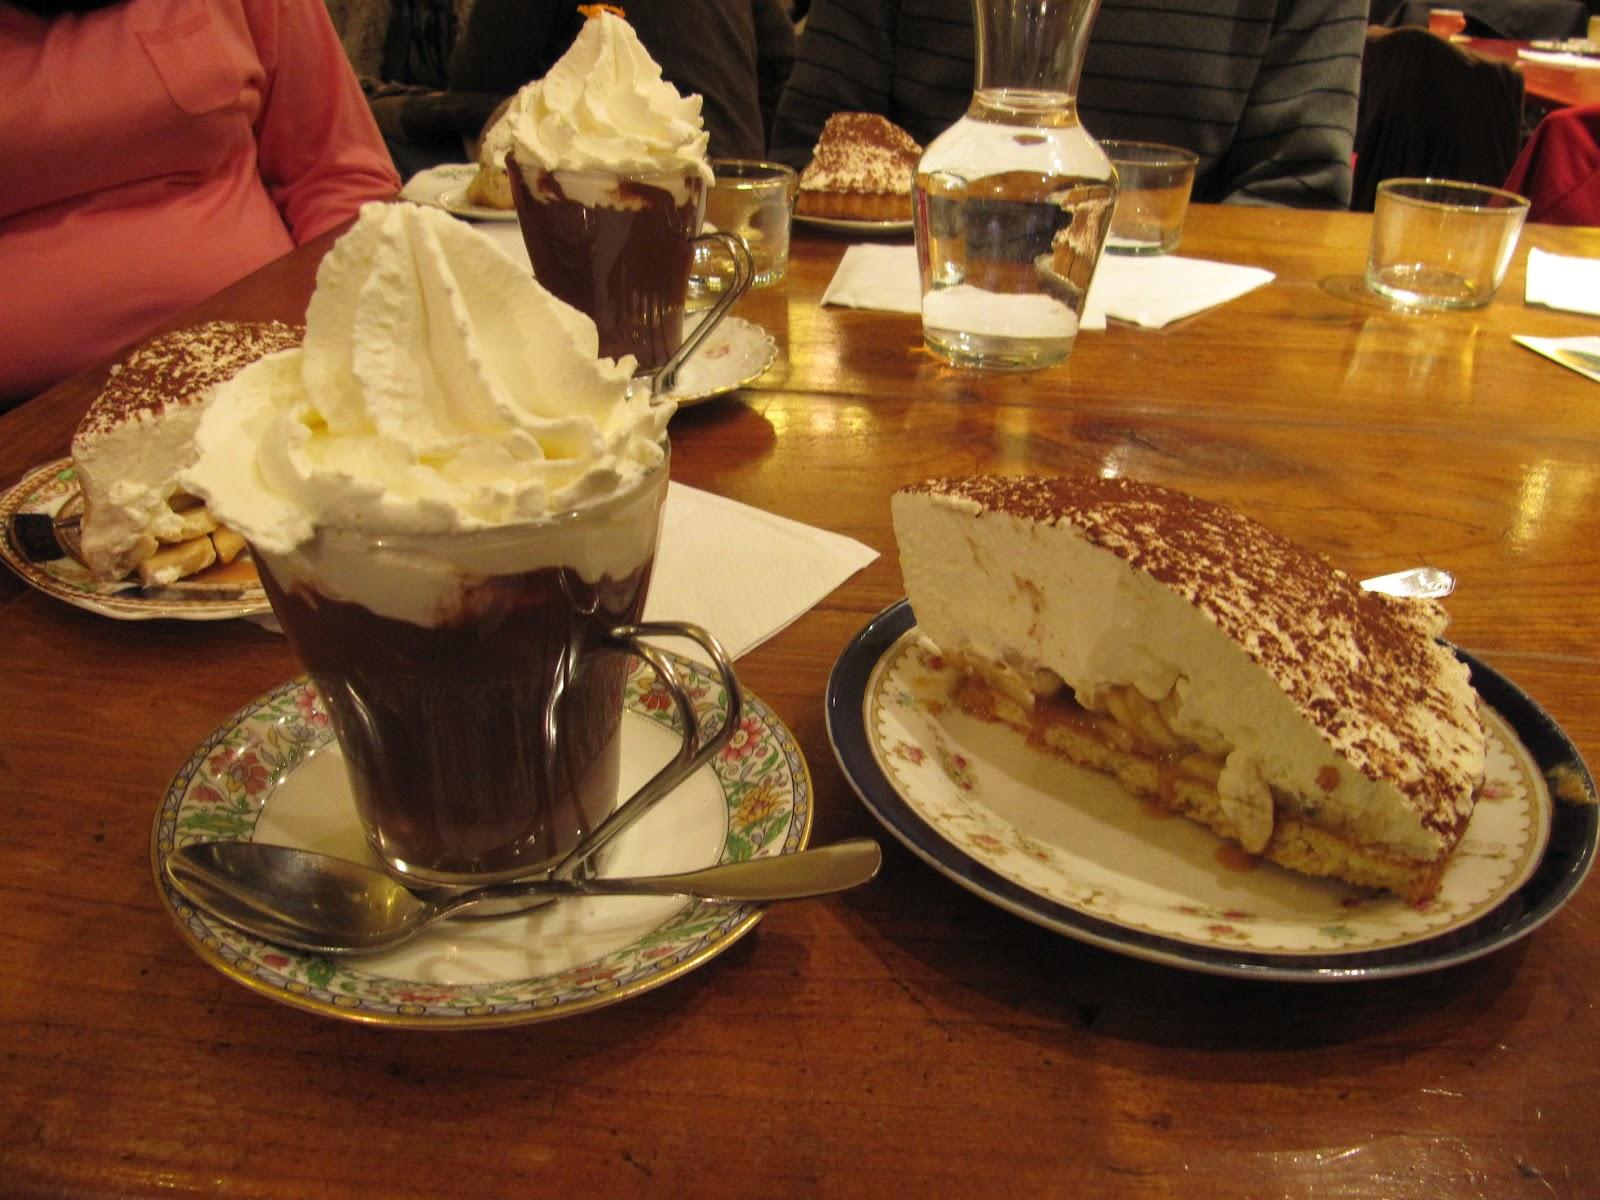 Chocolat et pâtisserie: Chocolat chaud épais... comme dans les ...